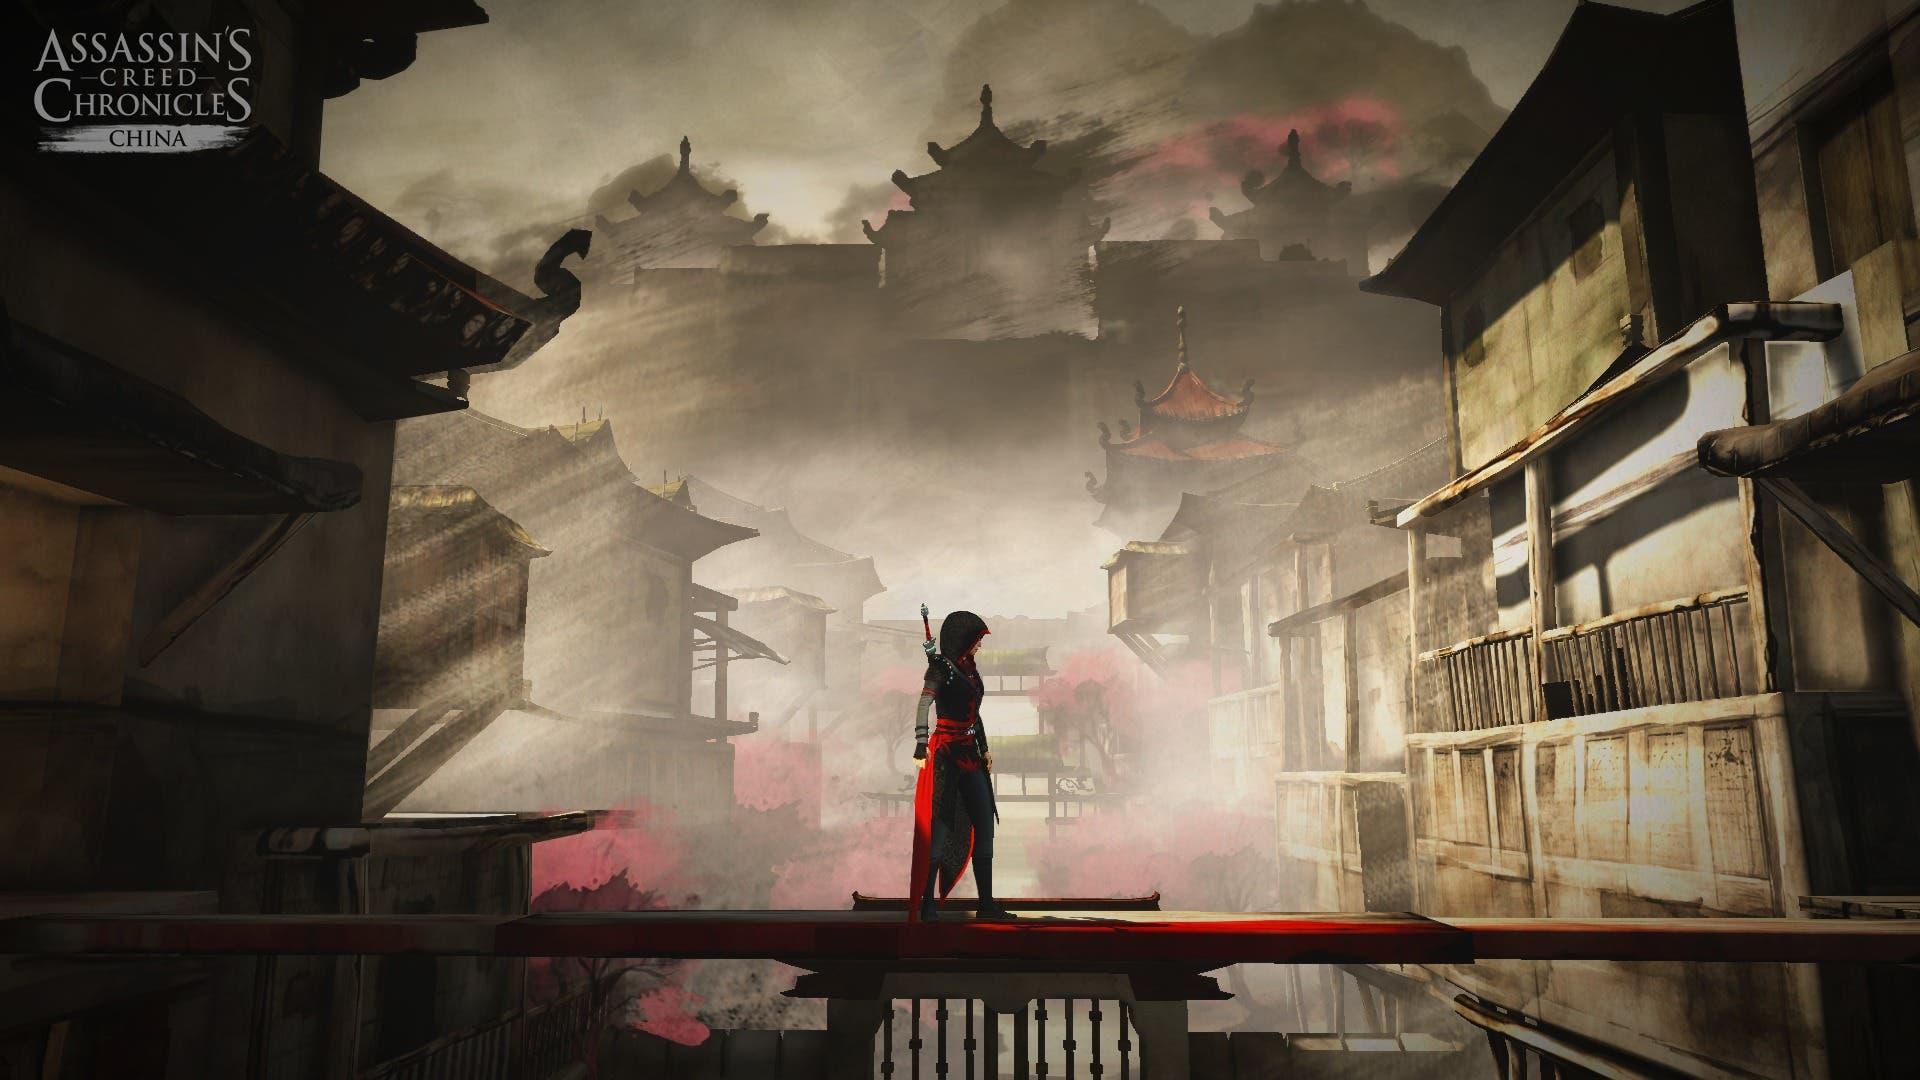 assassins-creed-chronicles-china-log